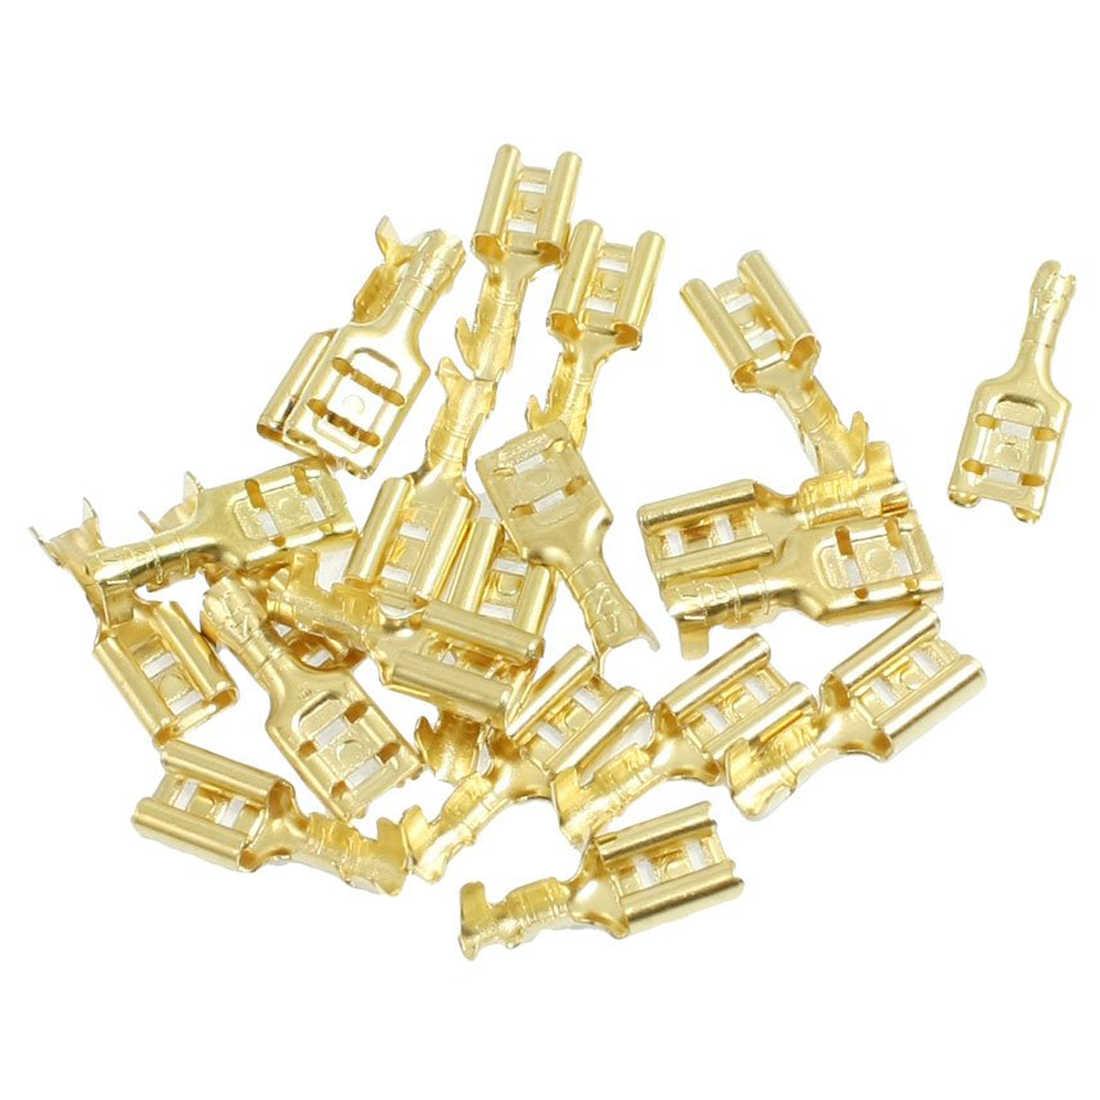 20 pièces borne à sertir en laiton doré 6.7mm connecteurs femelles à bêche adaptés à la connexion dans le câble d'alimentation